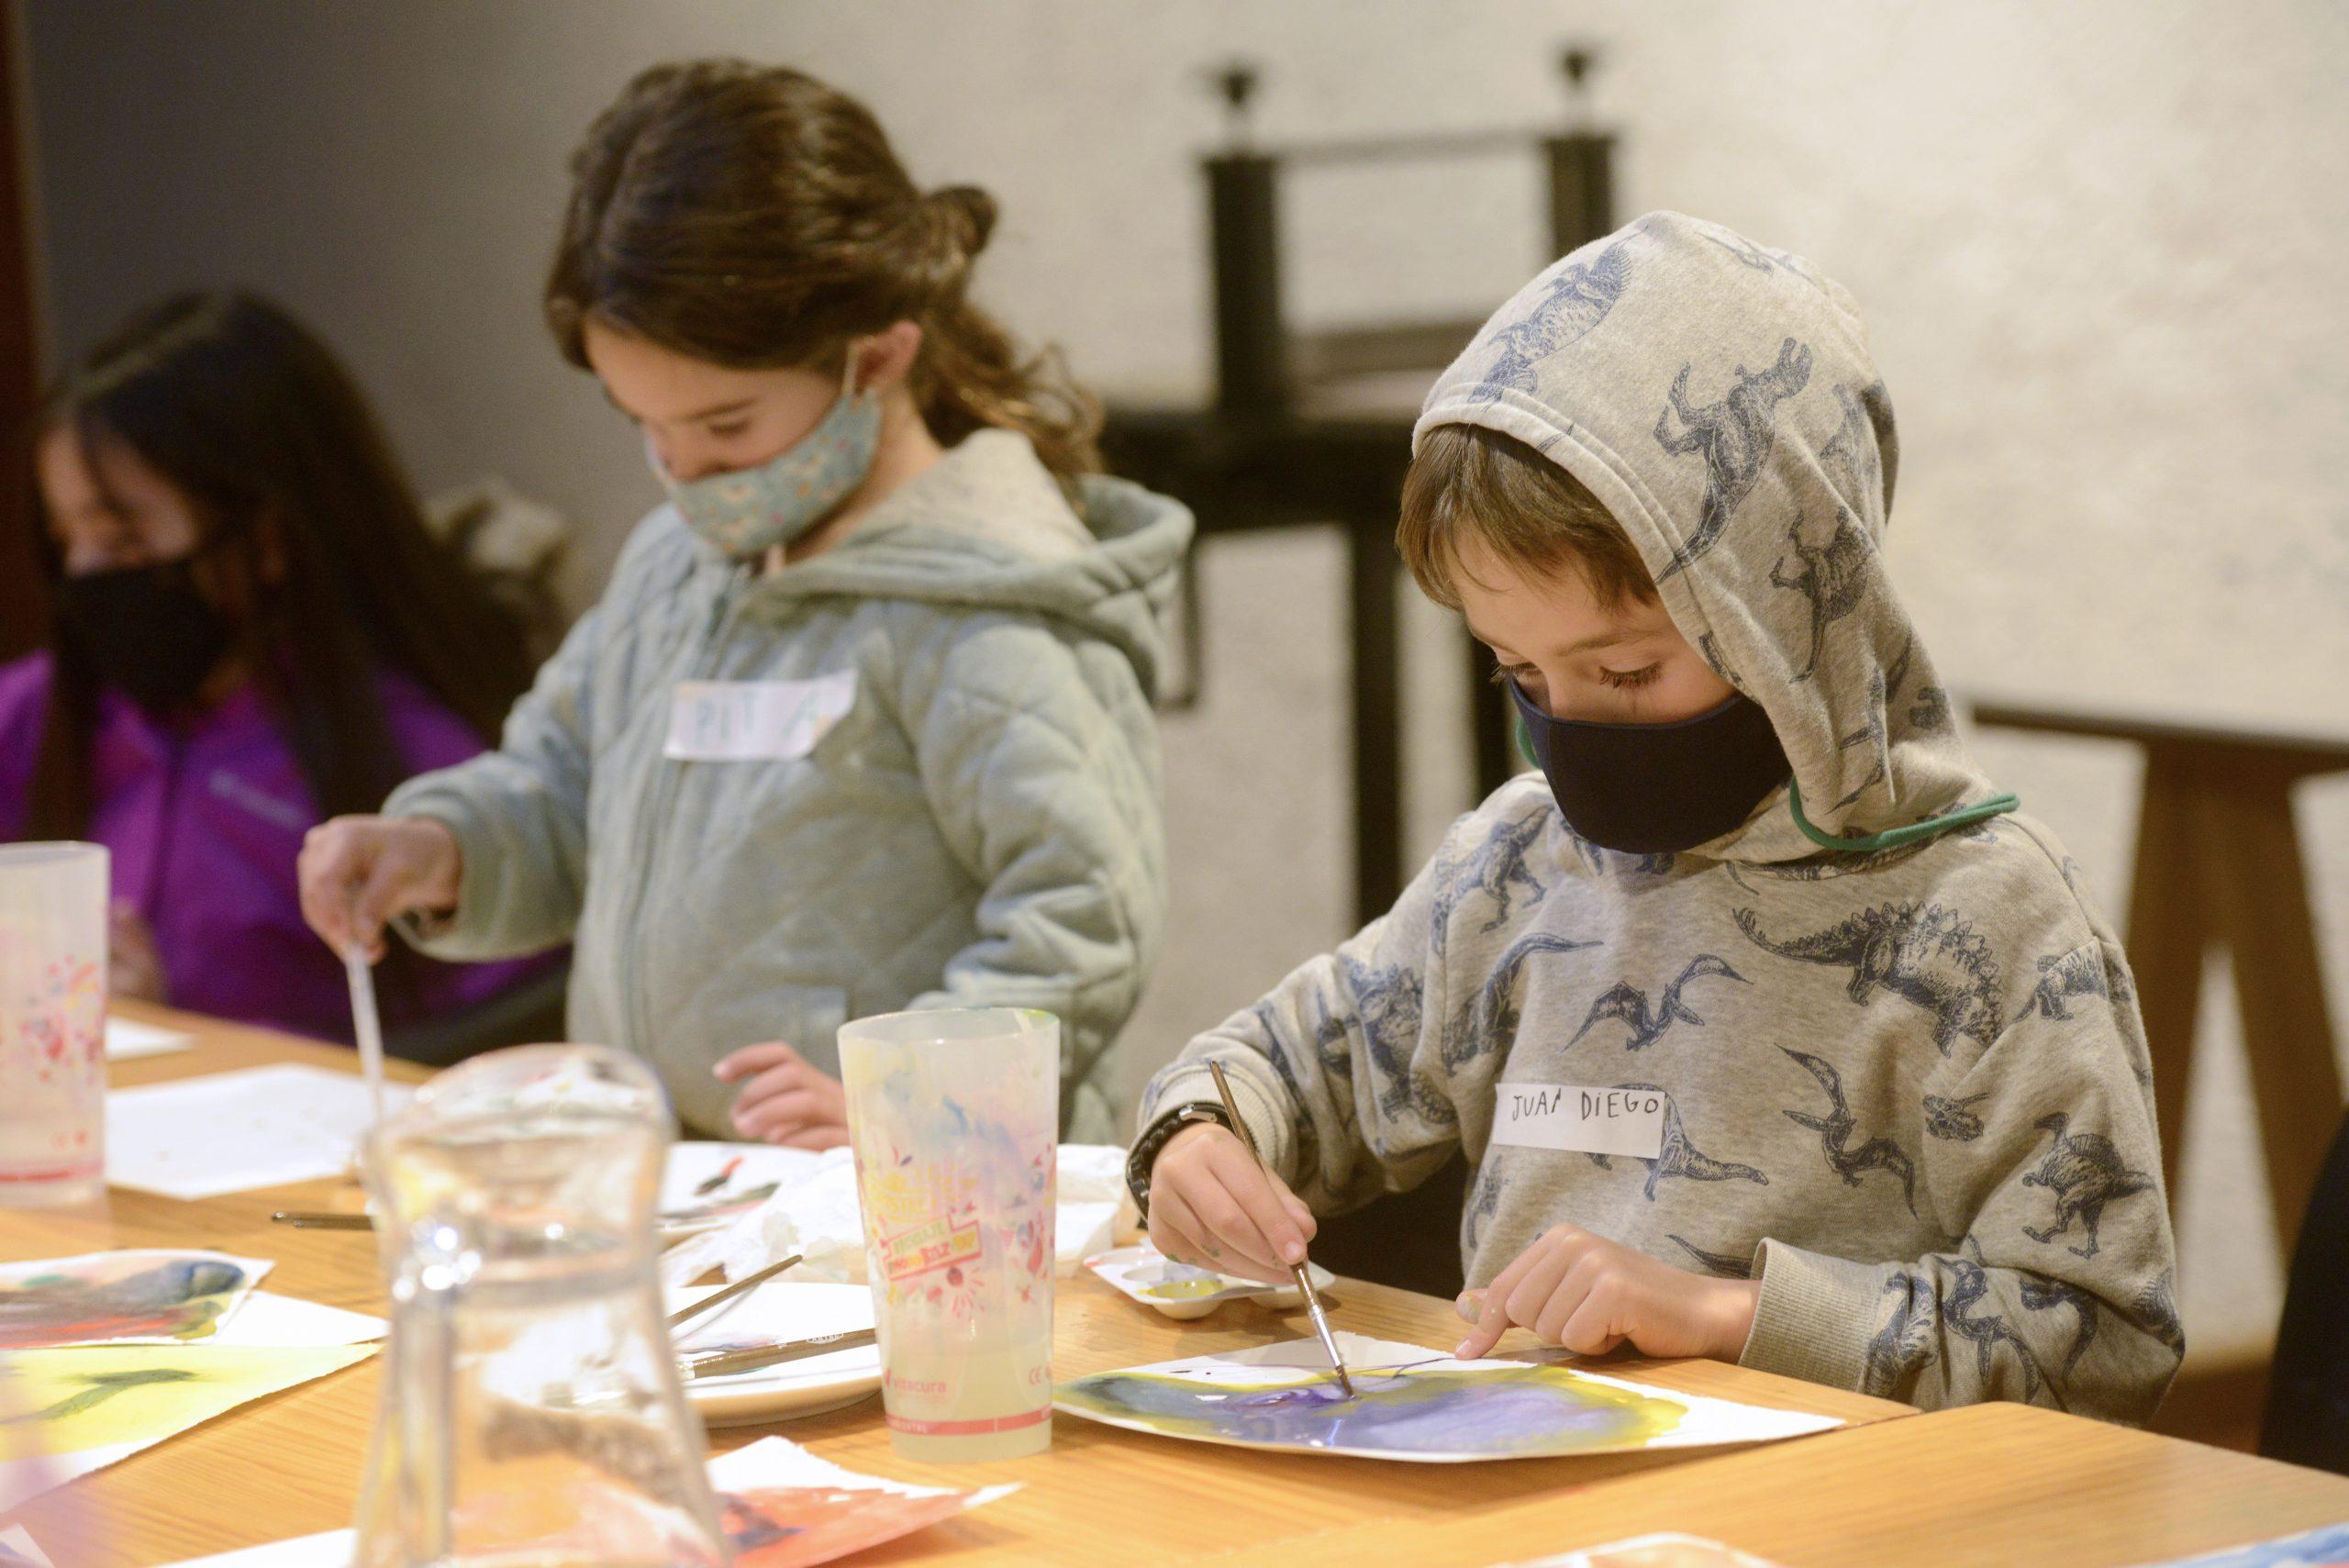 Curso de Acuarela Básico y Experimental para niños de 8 a 16 años